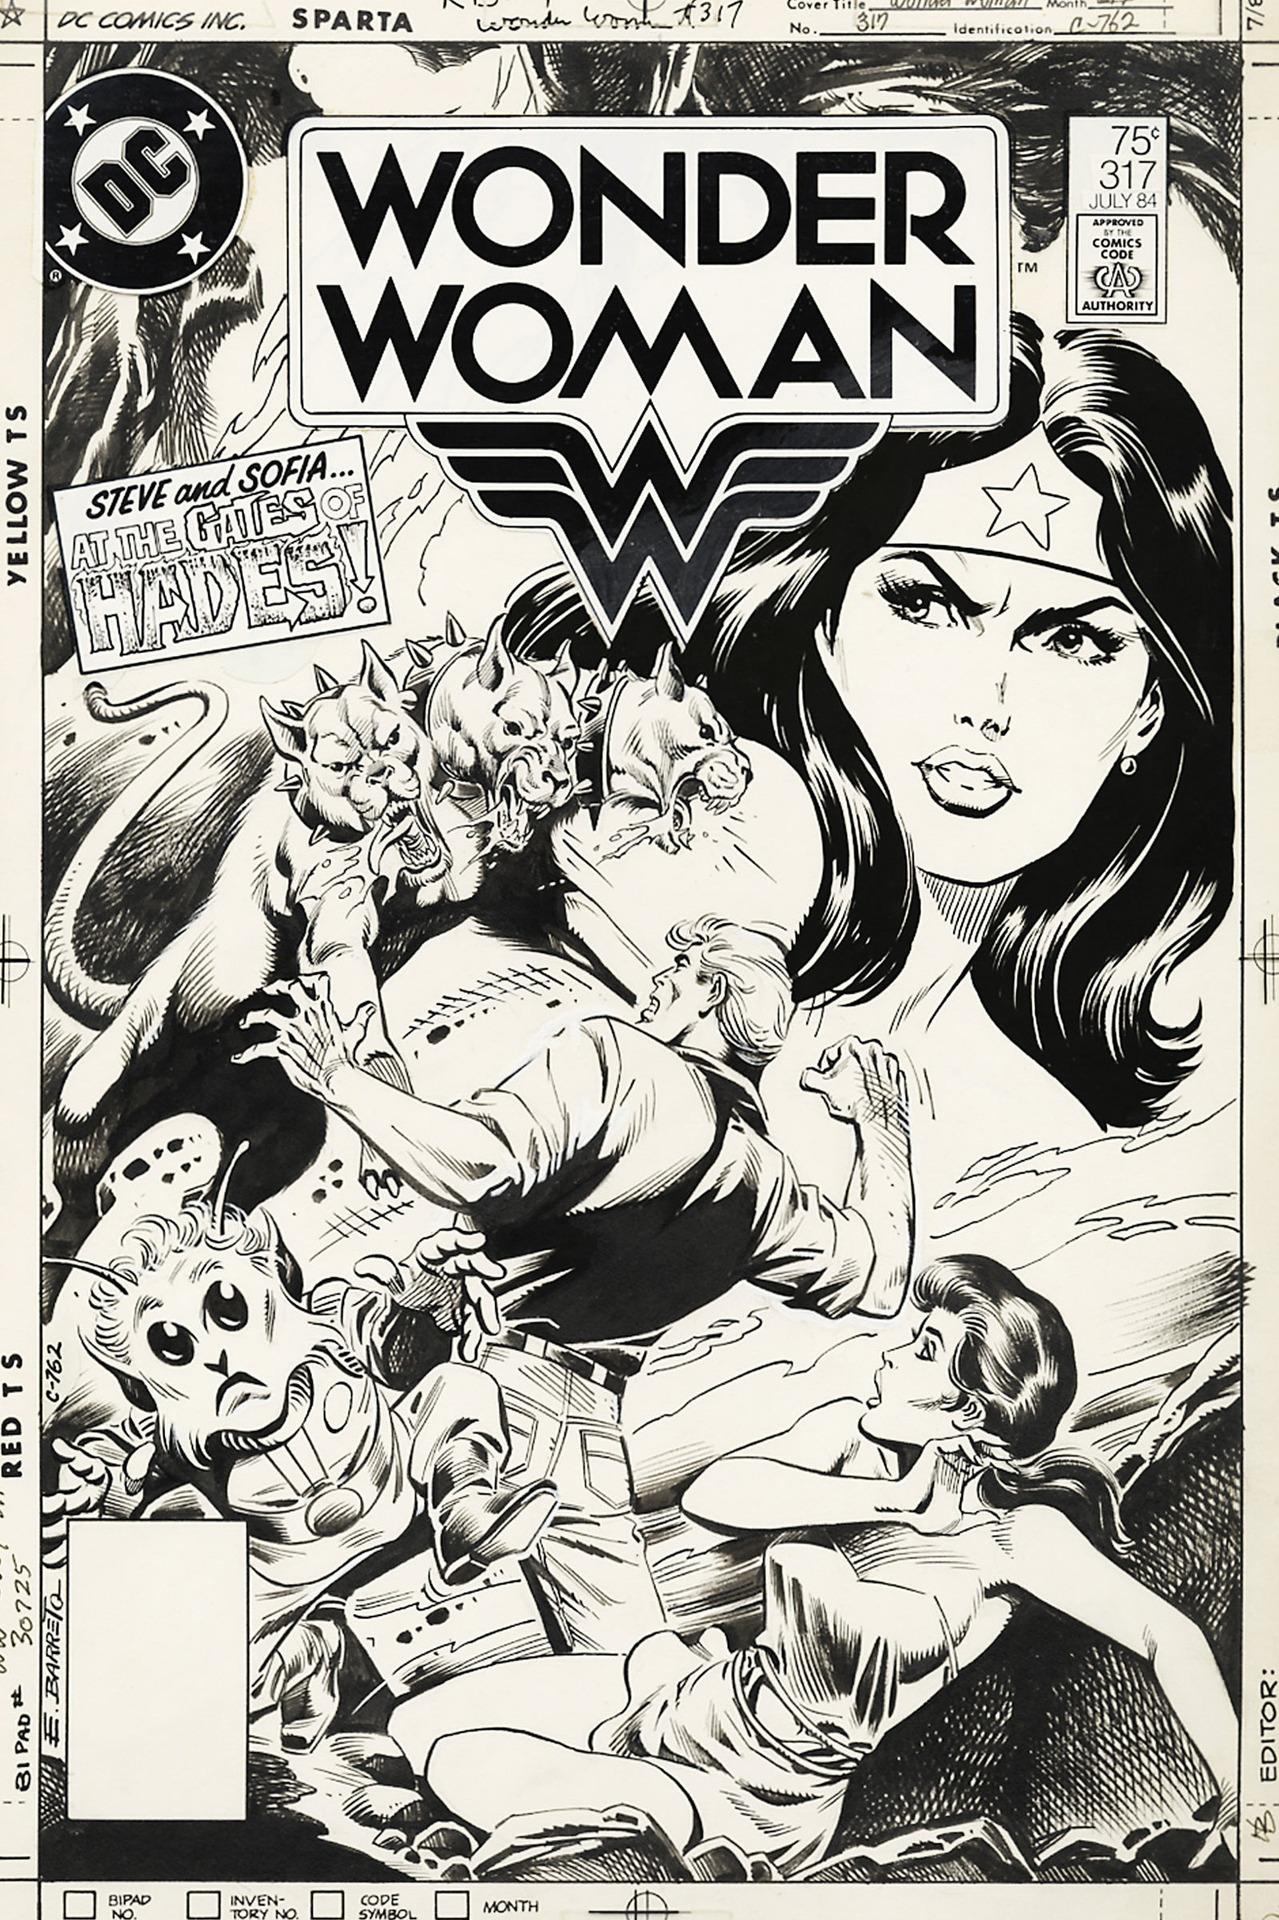 Original cover by Eduardo Barreto, Wonder Woman #317, 1984